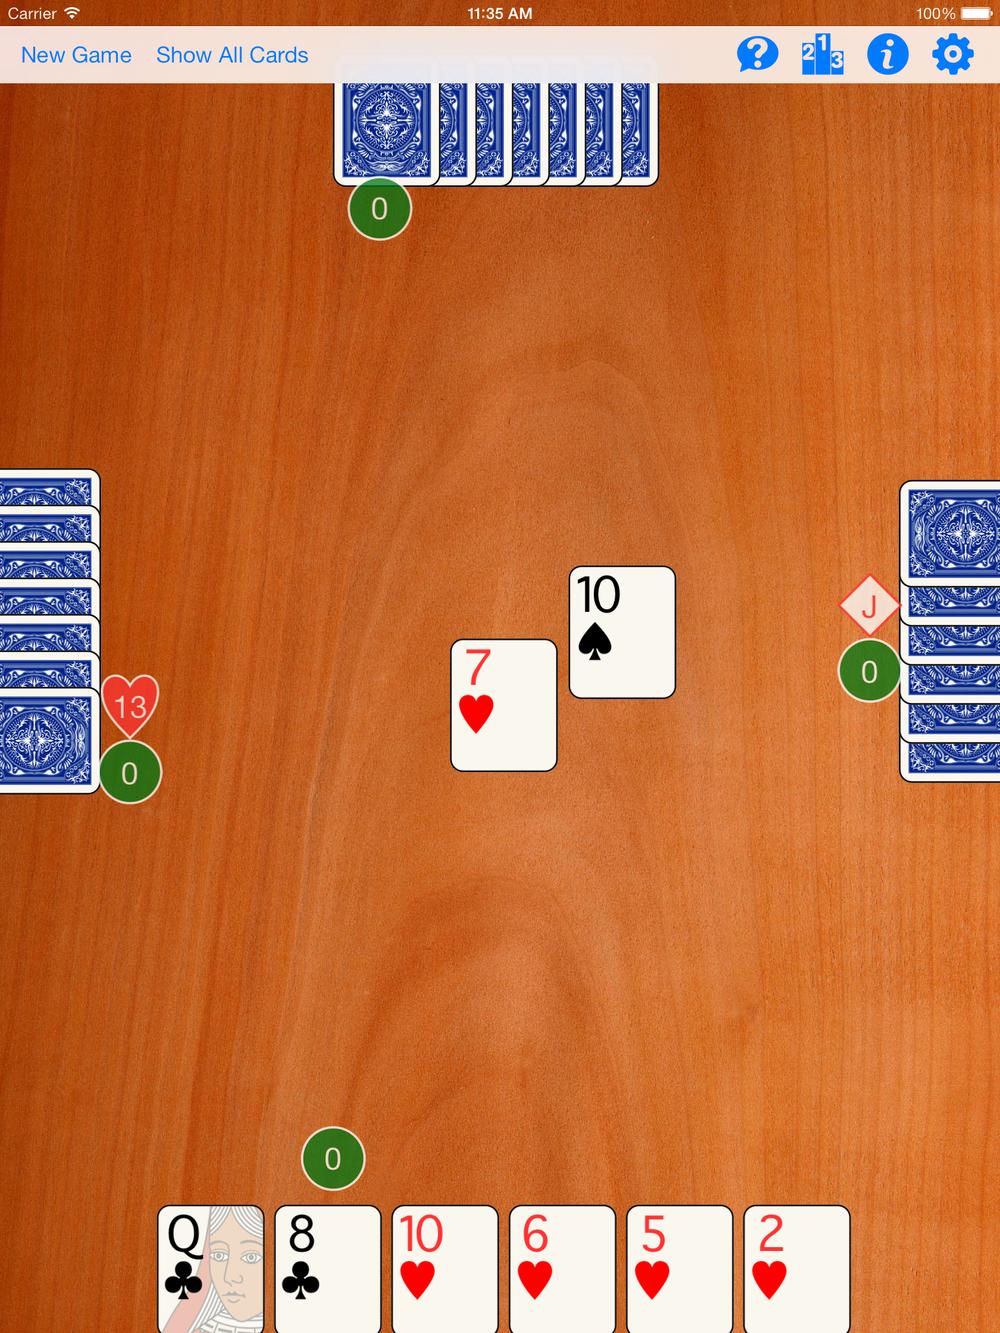 iOS Simulator Screen shot Sep 17, 2013 11.35.46 AM.png